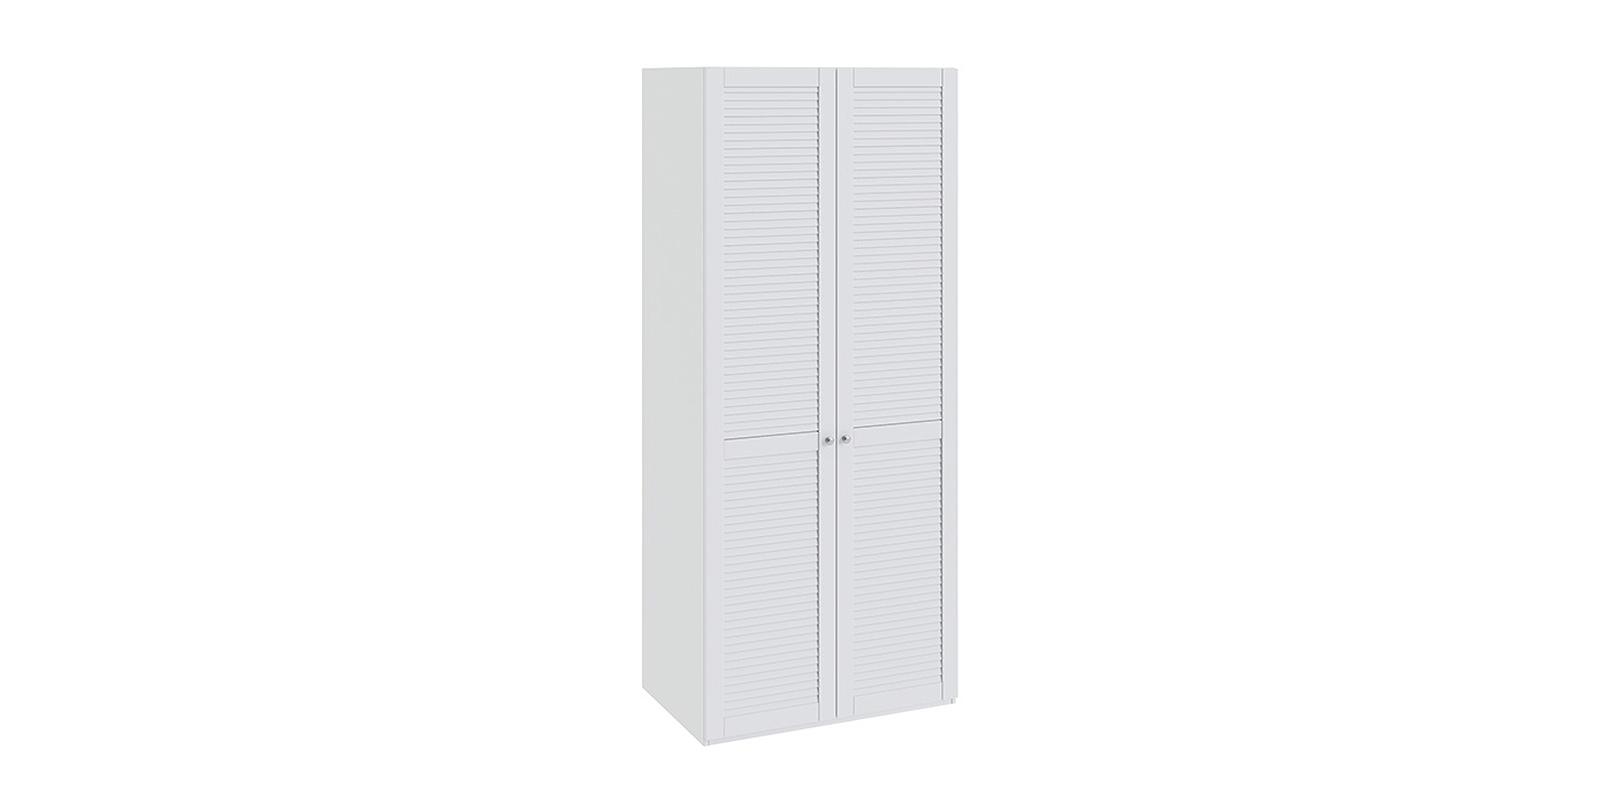 Шкаф распашной двухдверный Мерида вариант №5 (белый)